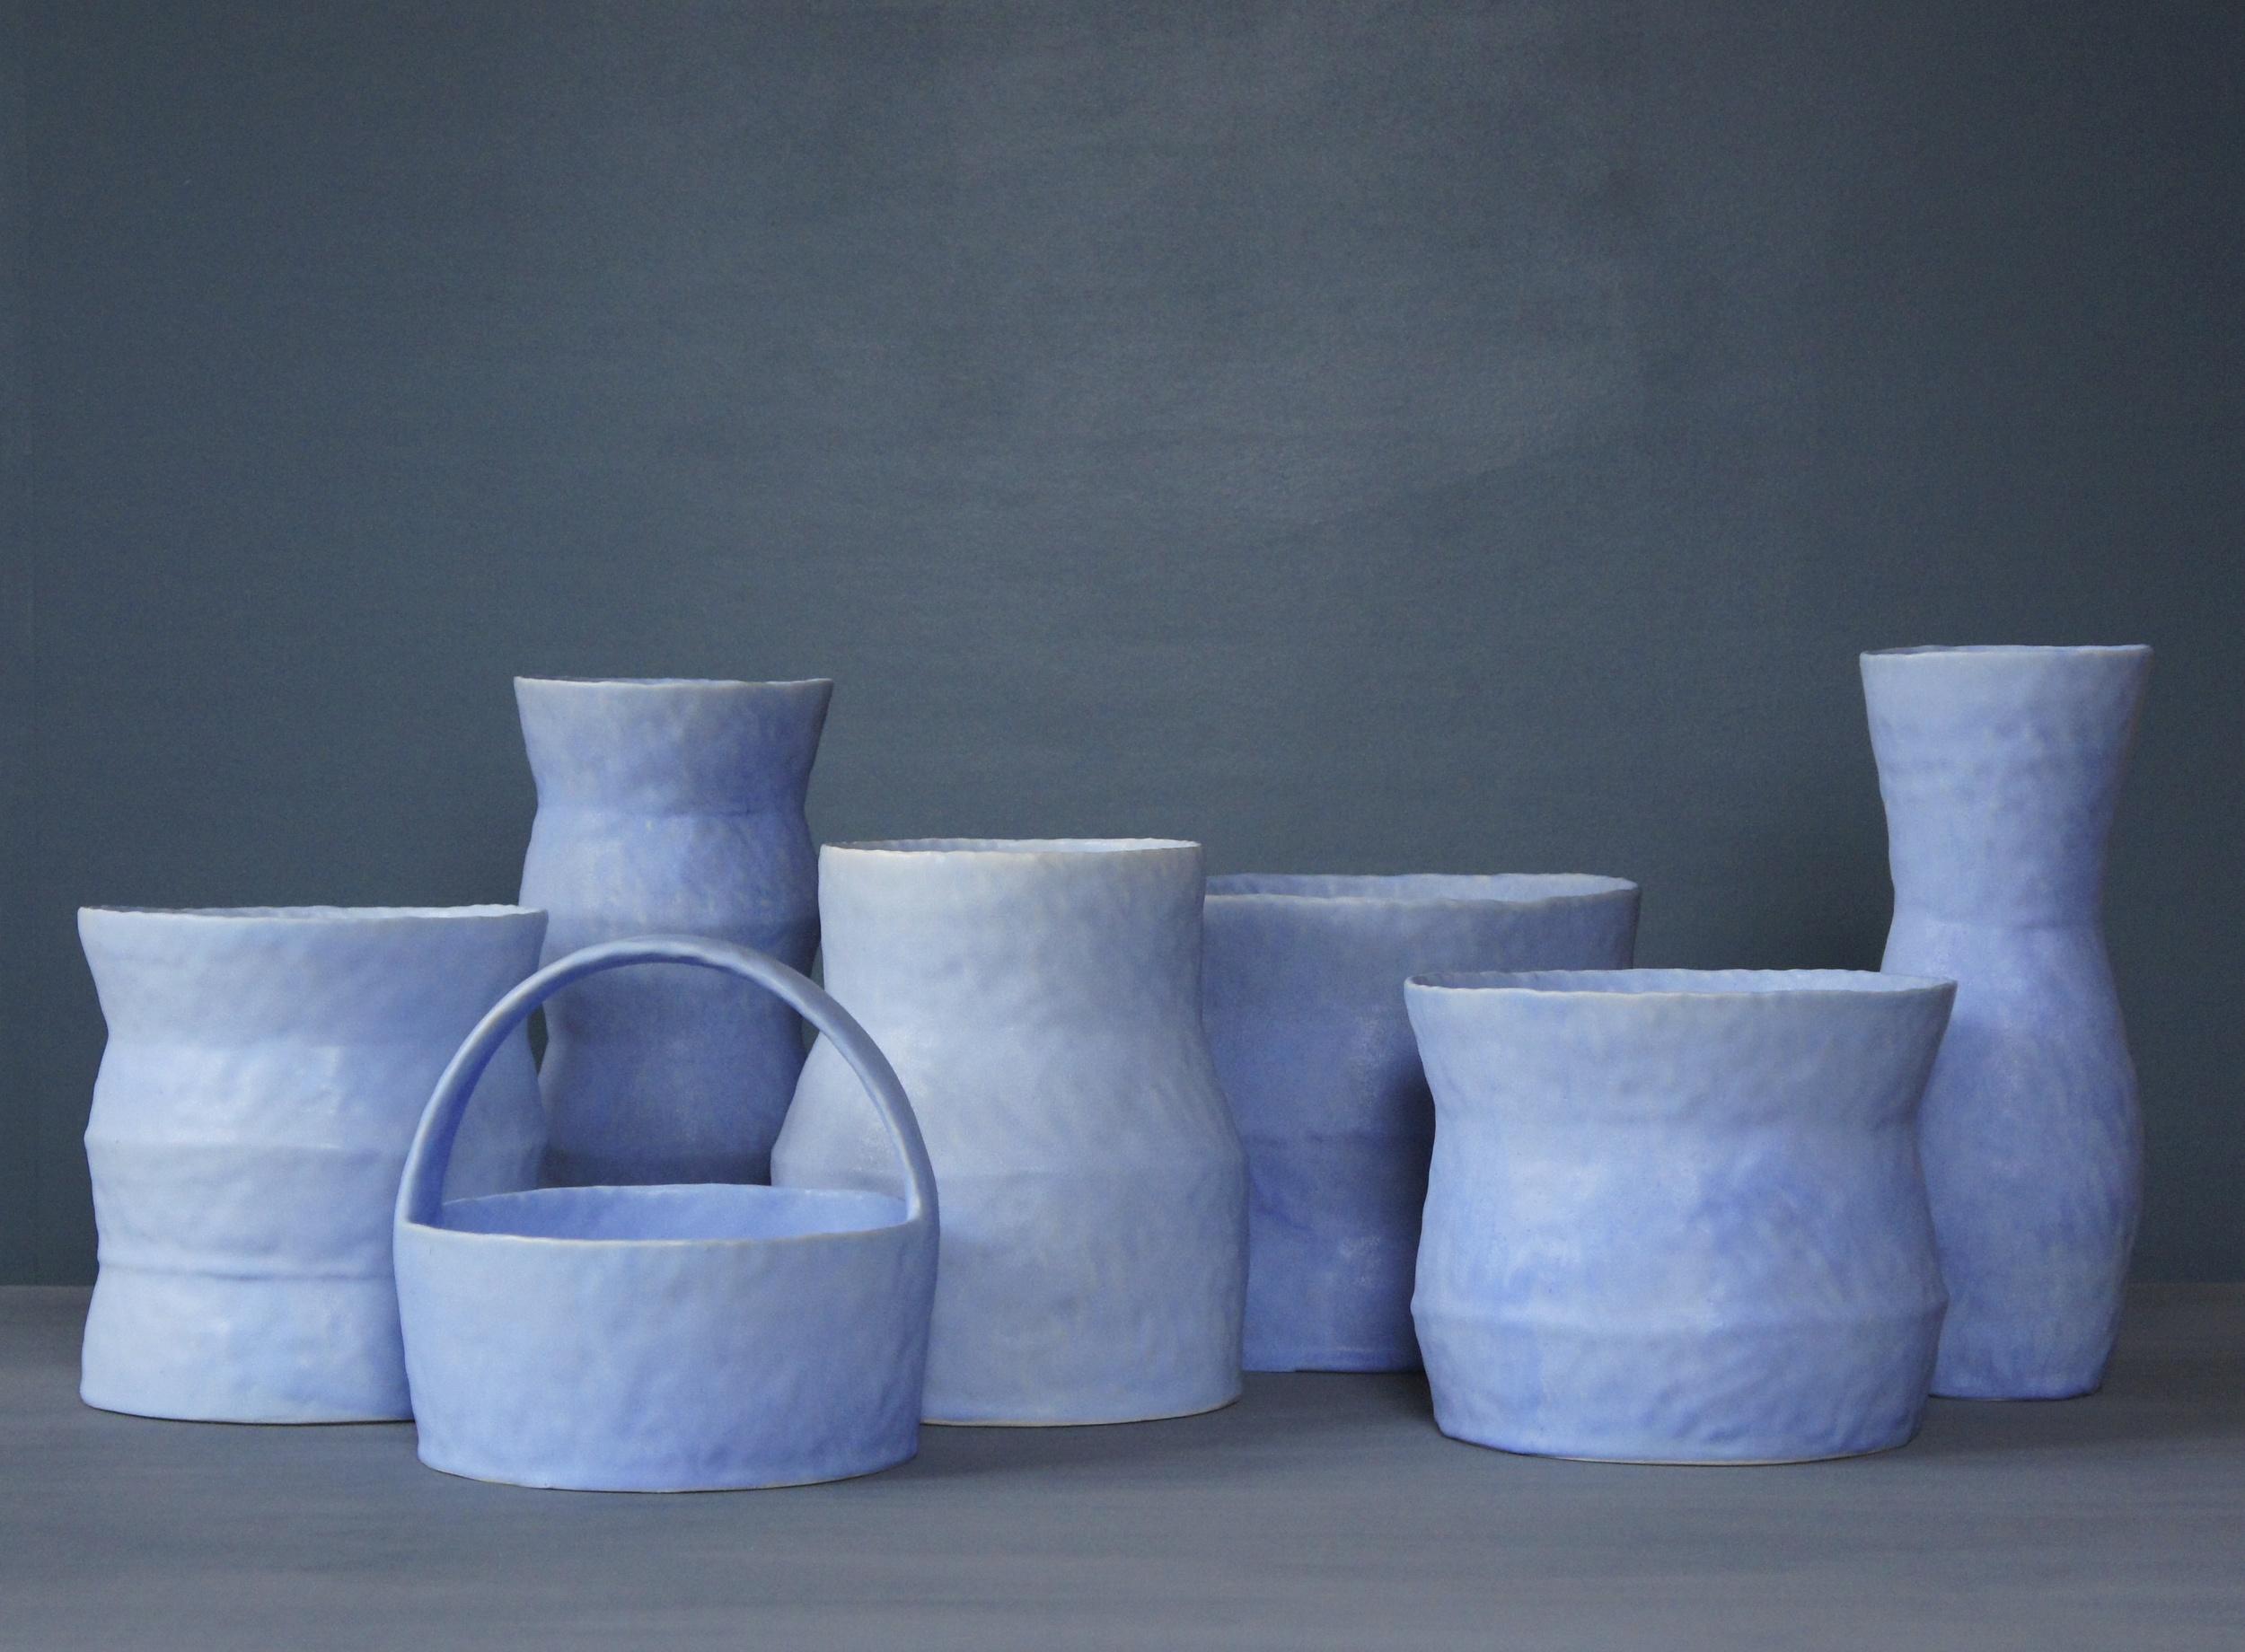 Pale Blue Vessels